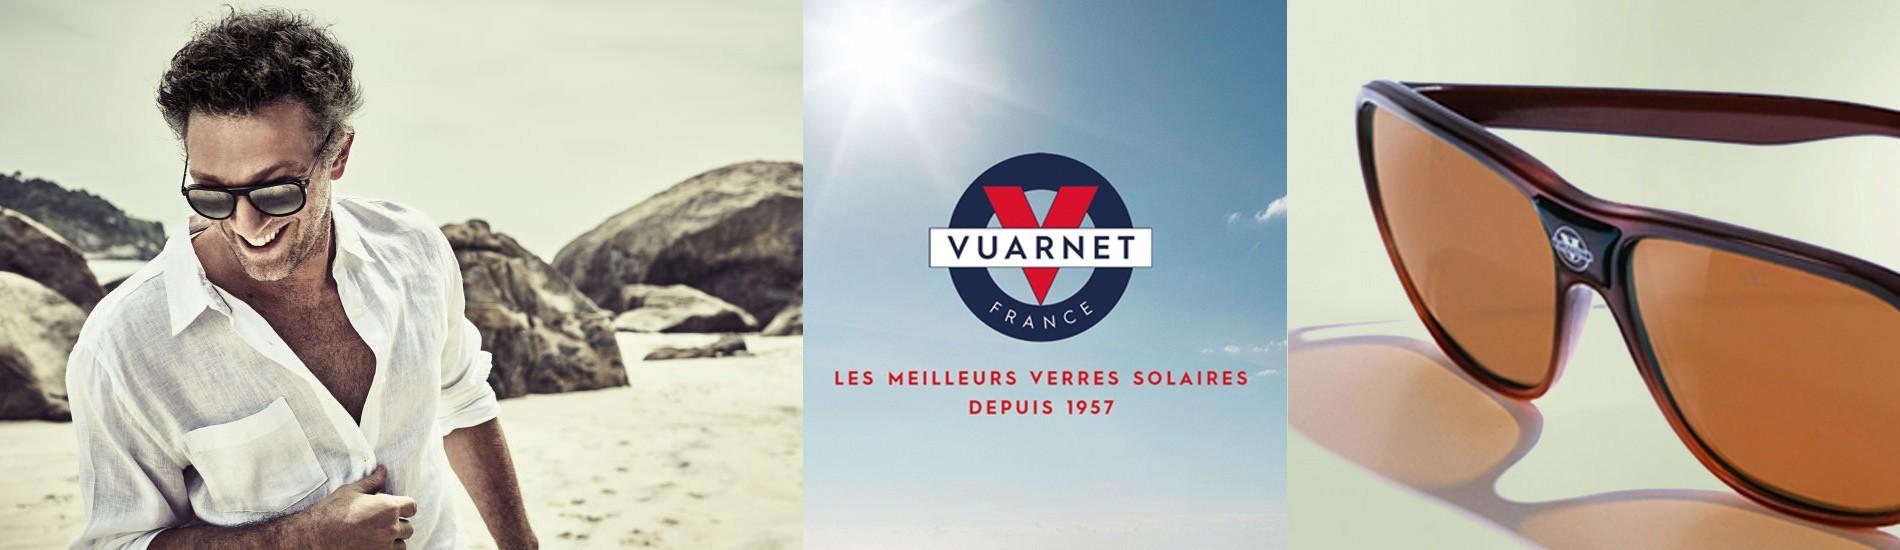 Lunettes de Soleil VUARNET Made in France